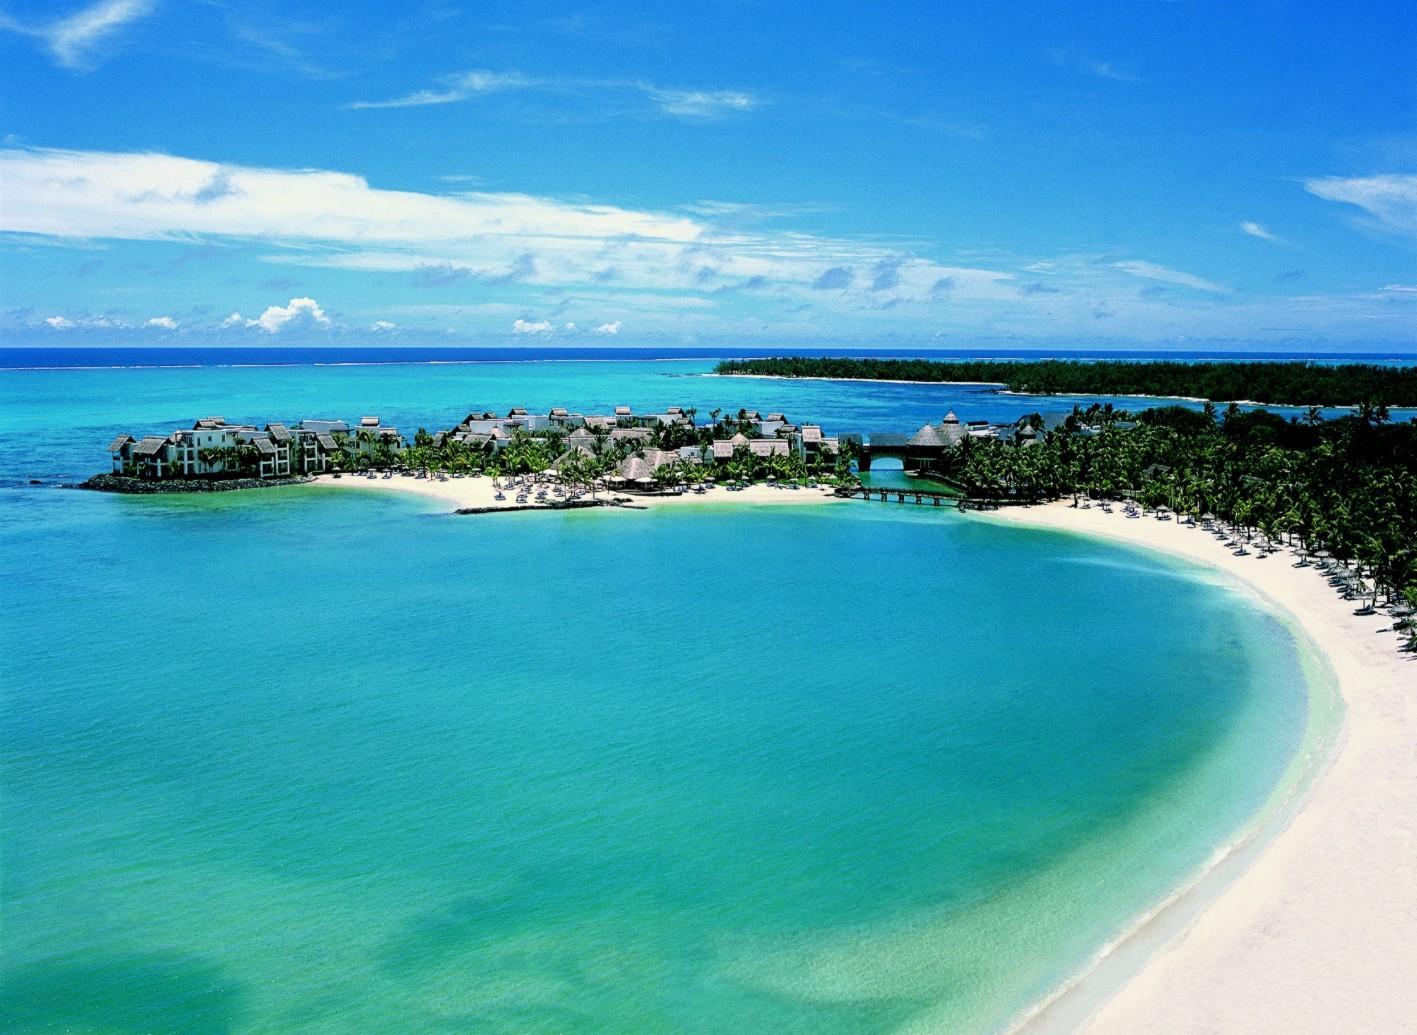 Bãi cát dài trắng thơ mộng của Bali